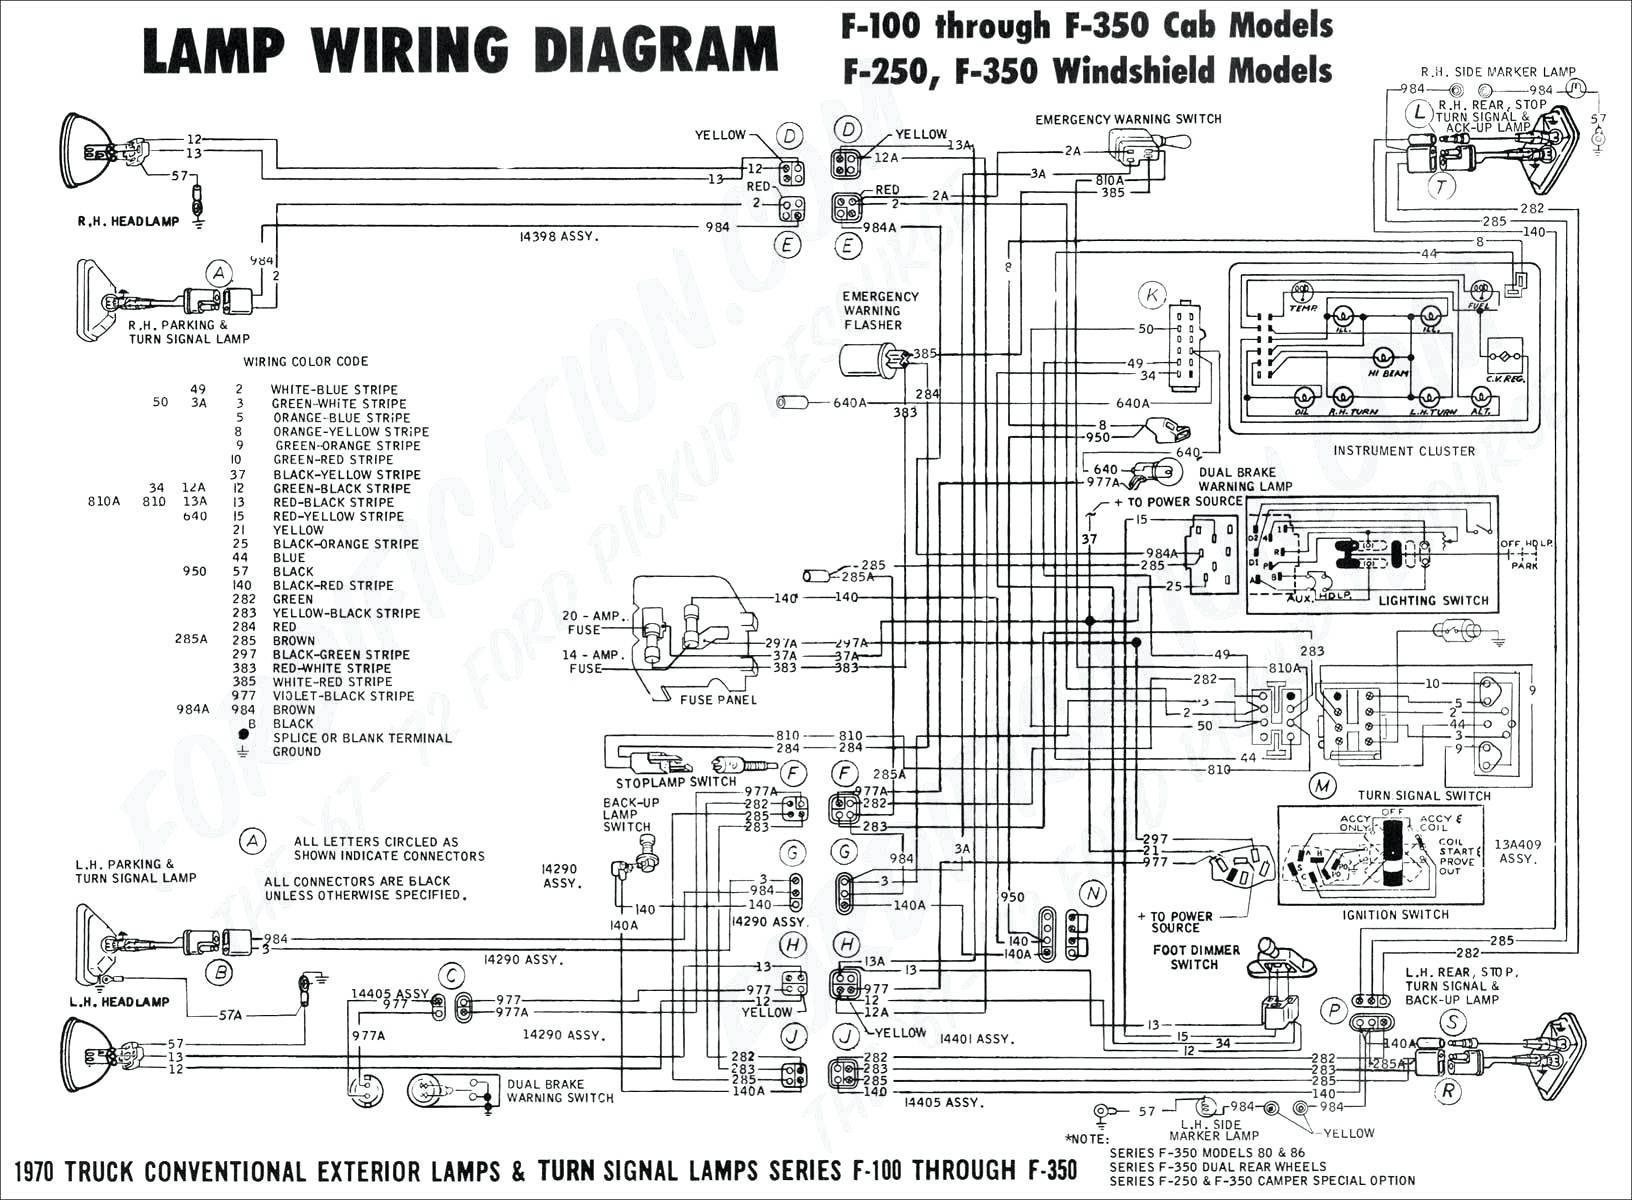 2006 mini cooper s engine partment diagram 2009 mazda 6 fuse diagram experts wiring diagram e280a2 of 2006 mini cooper s engine partment diagram